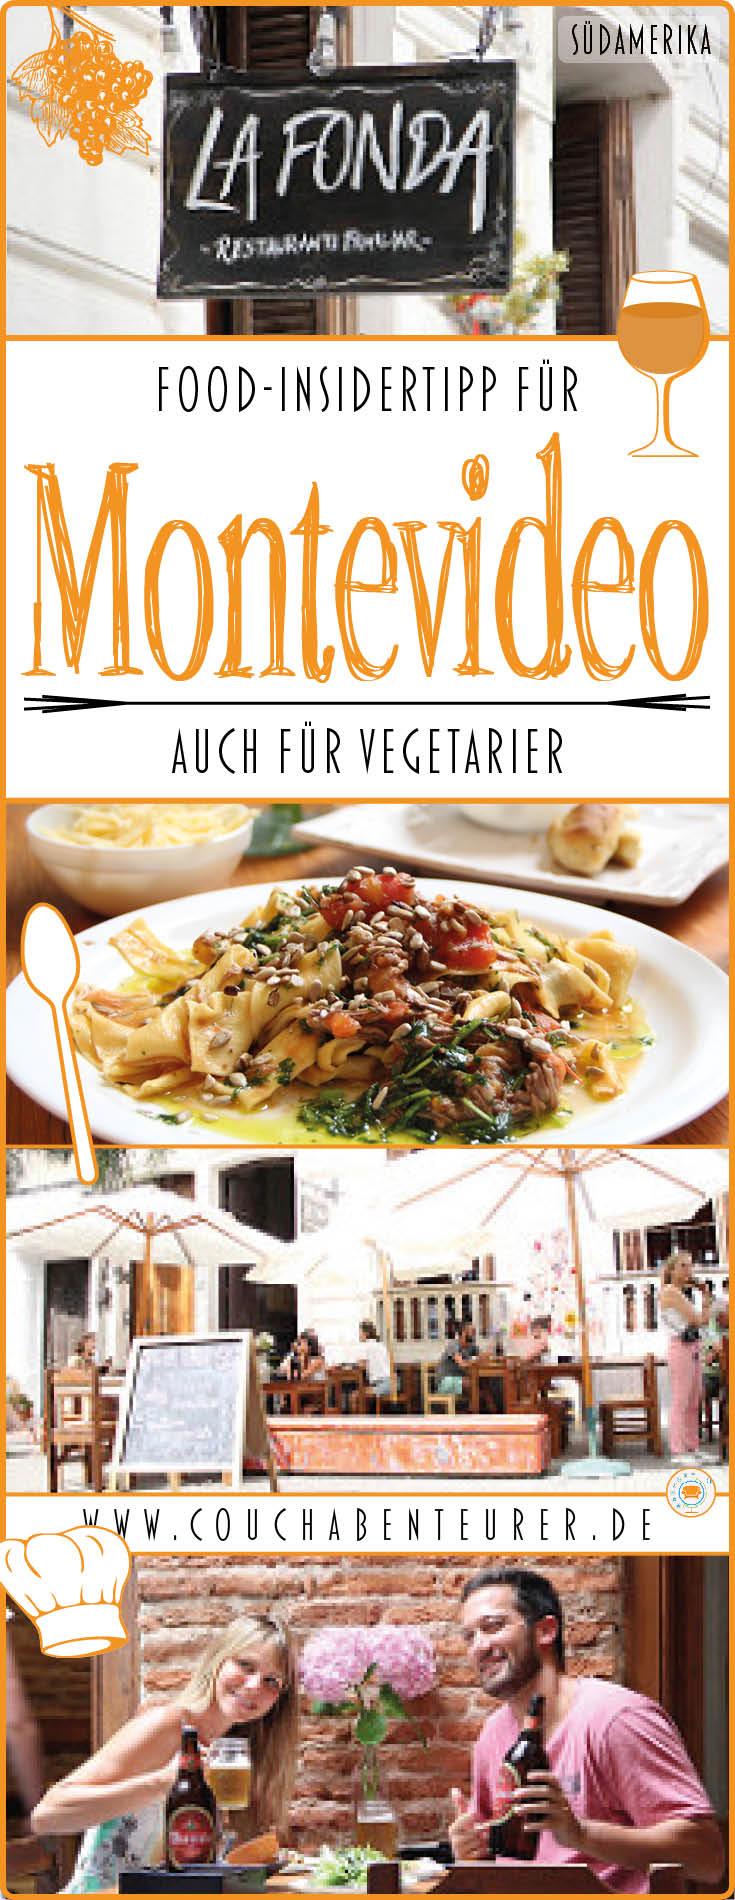 Food-Insidertipp-Montevideo-La-Fonda-Vegetarier